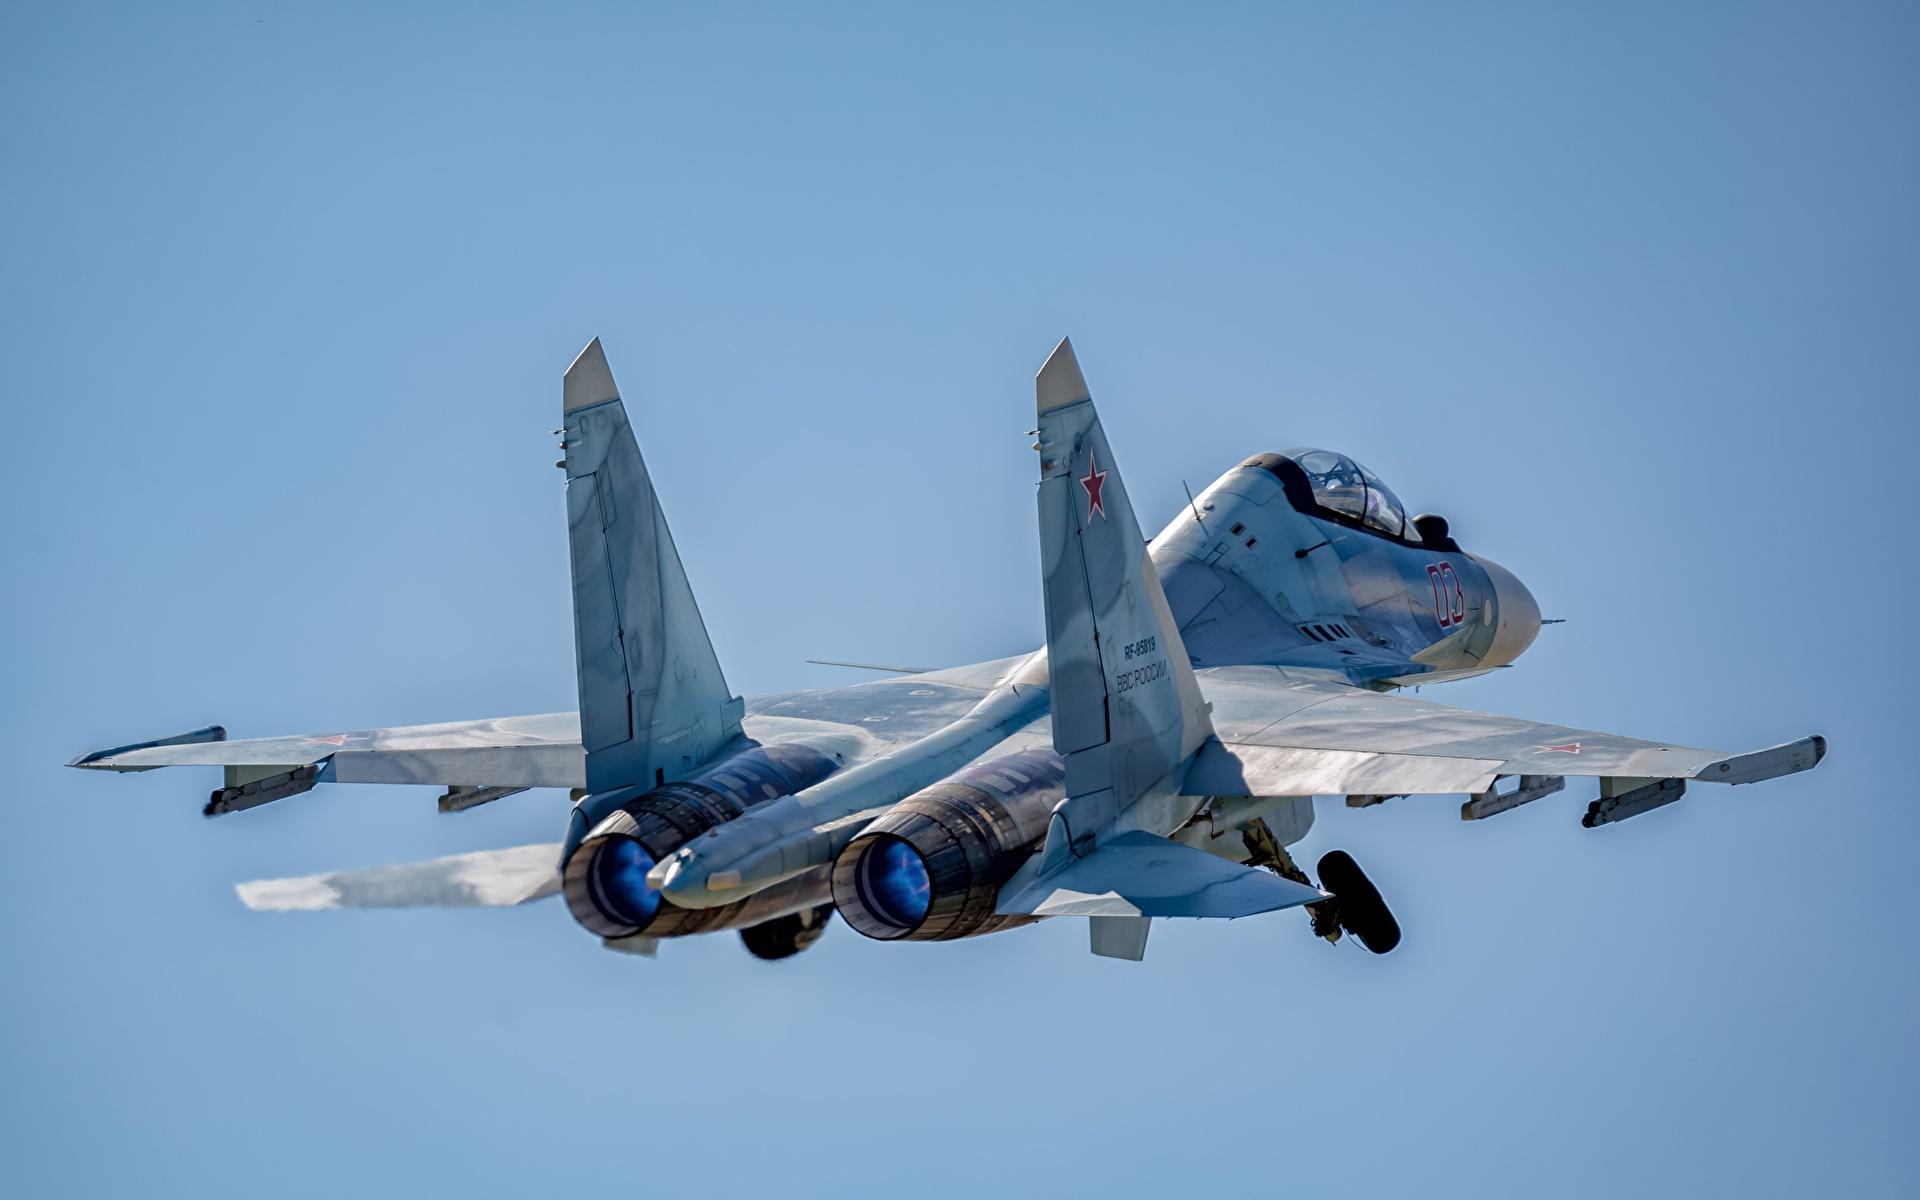 Bilder von Soukhoï Su-30 Jagdflugzeug Flugzeuge Russische SM Flug Luftfahrt 1920x1200